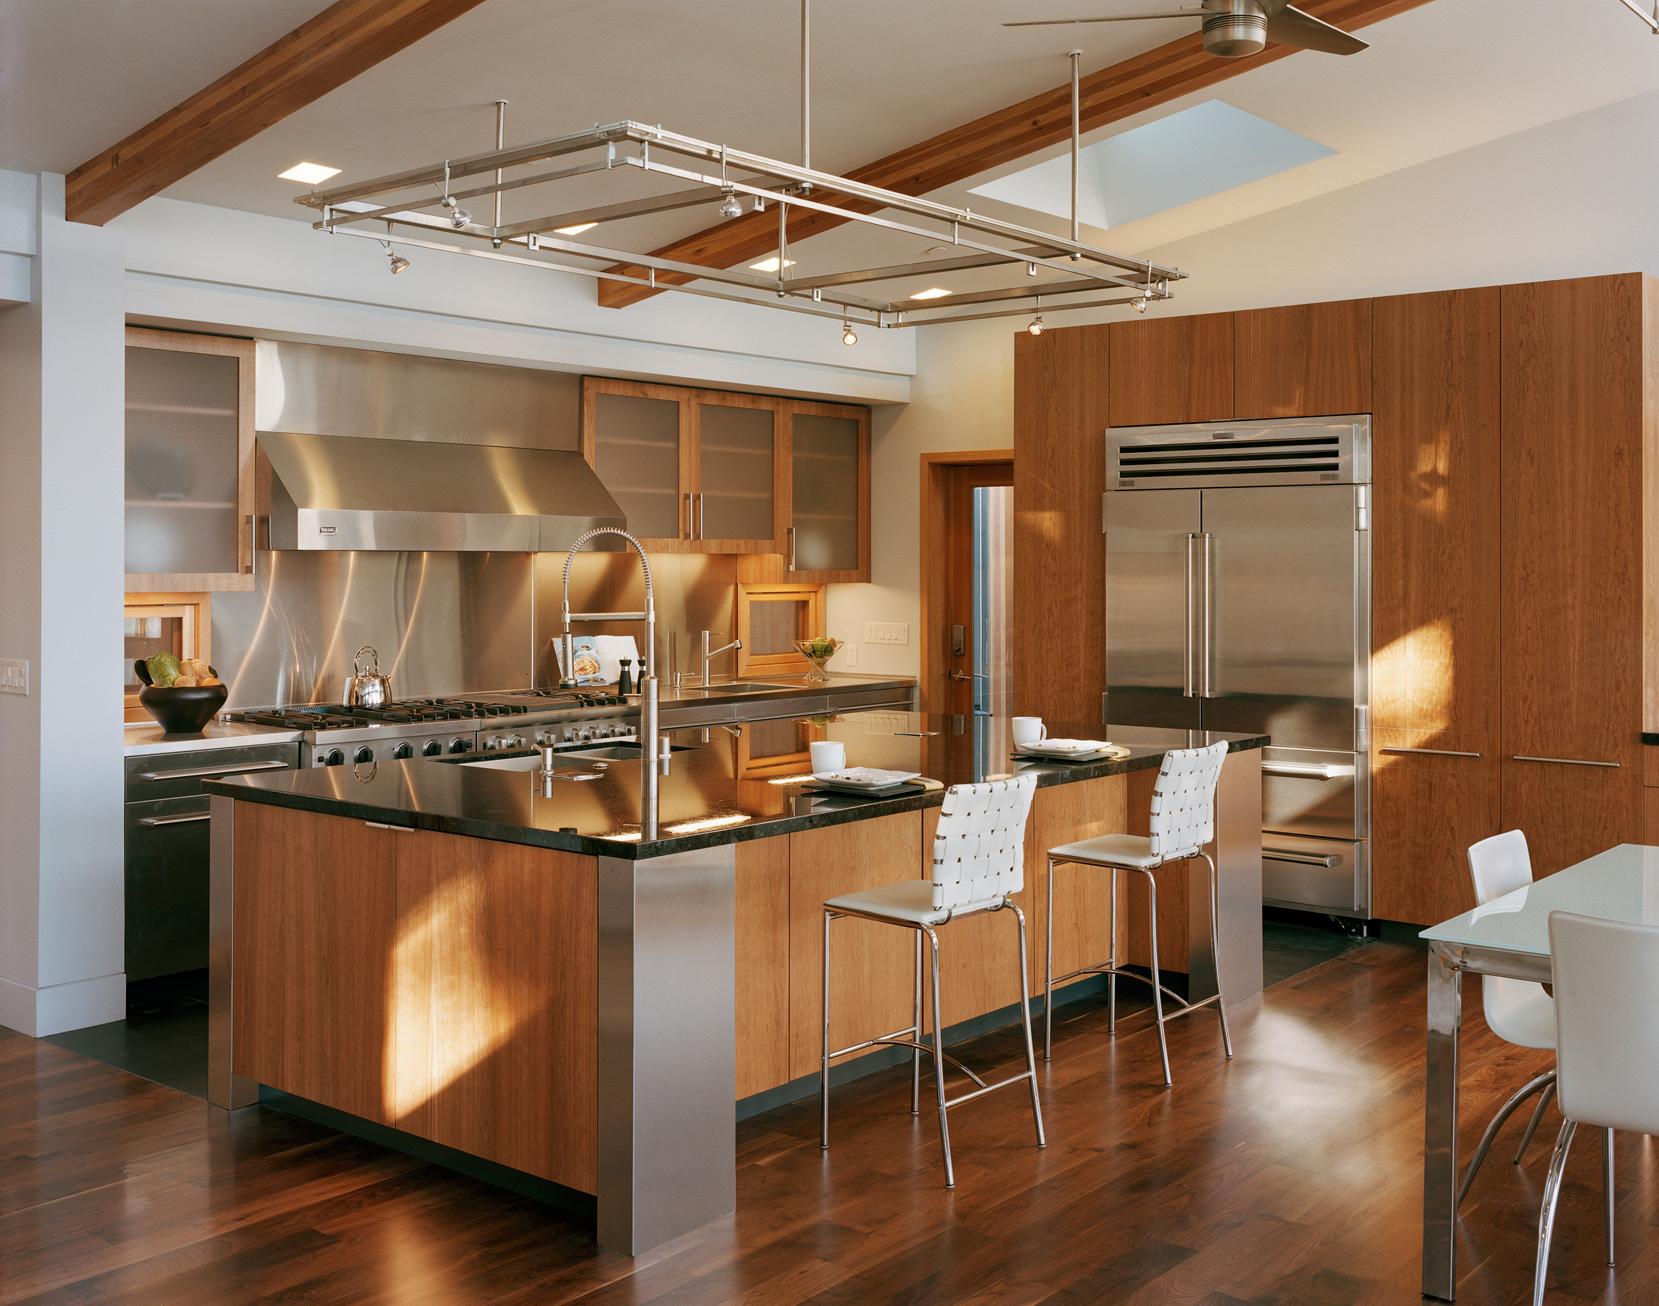 New kitchen in modern home.jpg